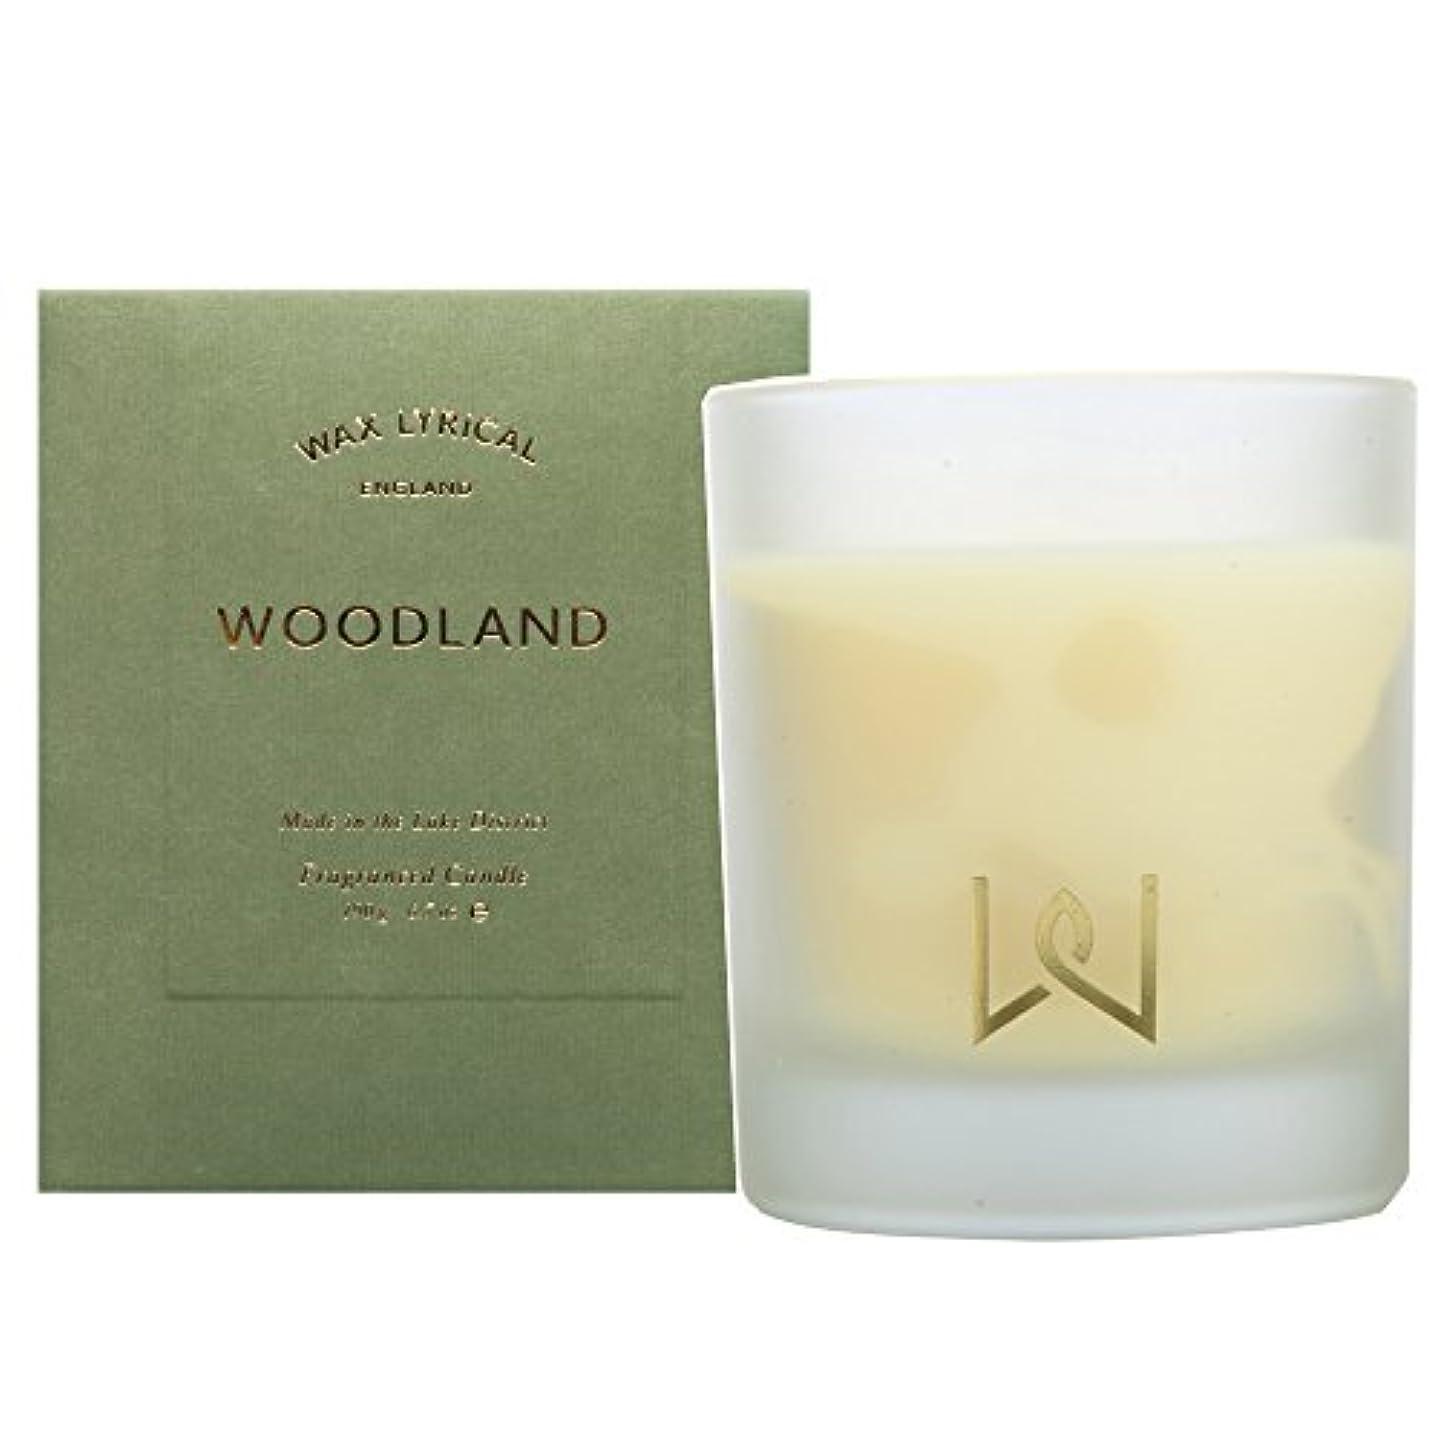 ワックスリリカル(WAX LYRICAL) グラス入りキャンドル/ウッドランド